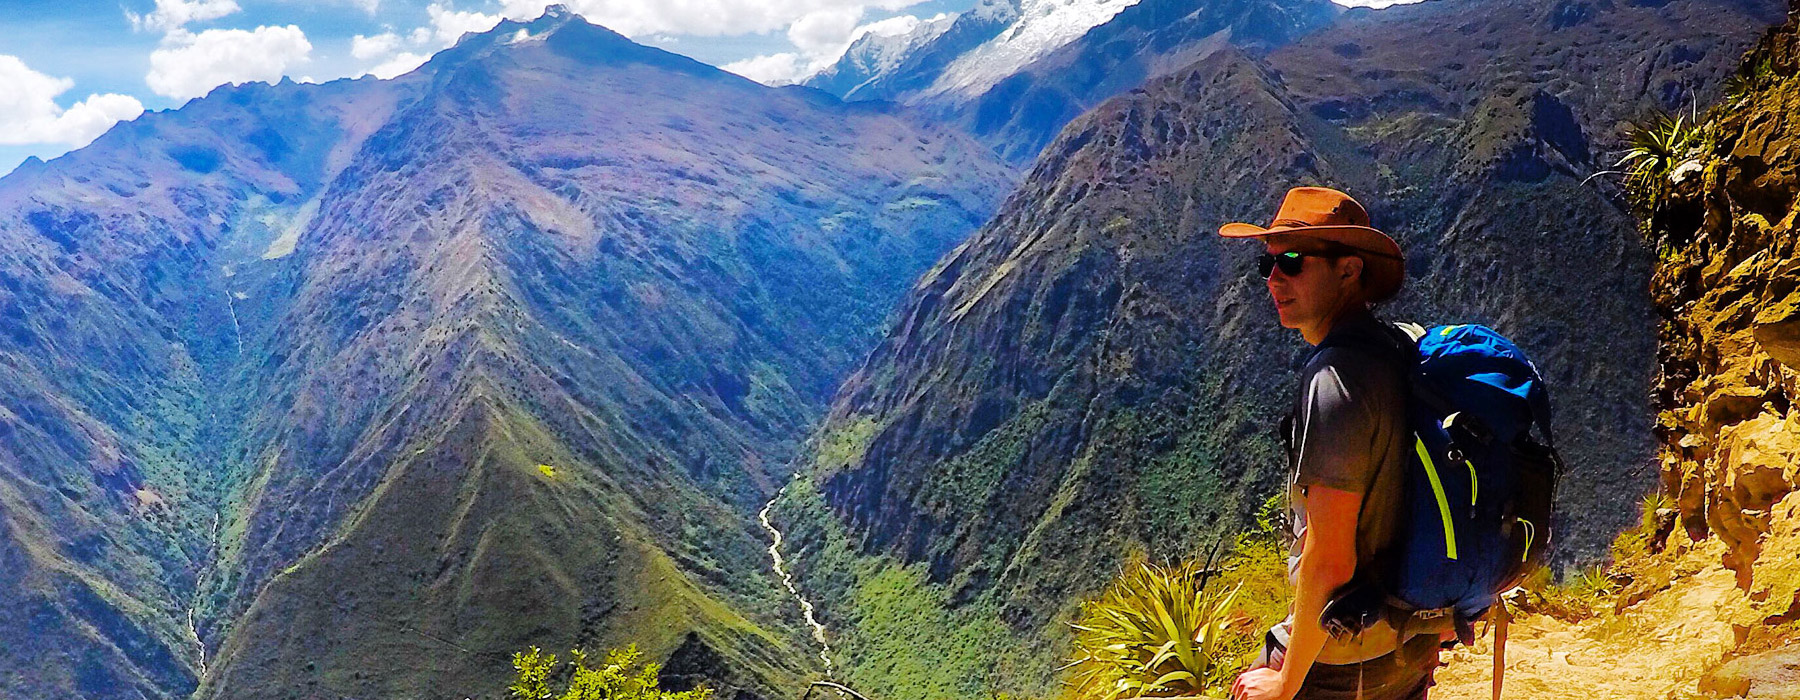 choquequirao-vilcabamba-trek-slider